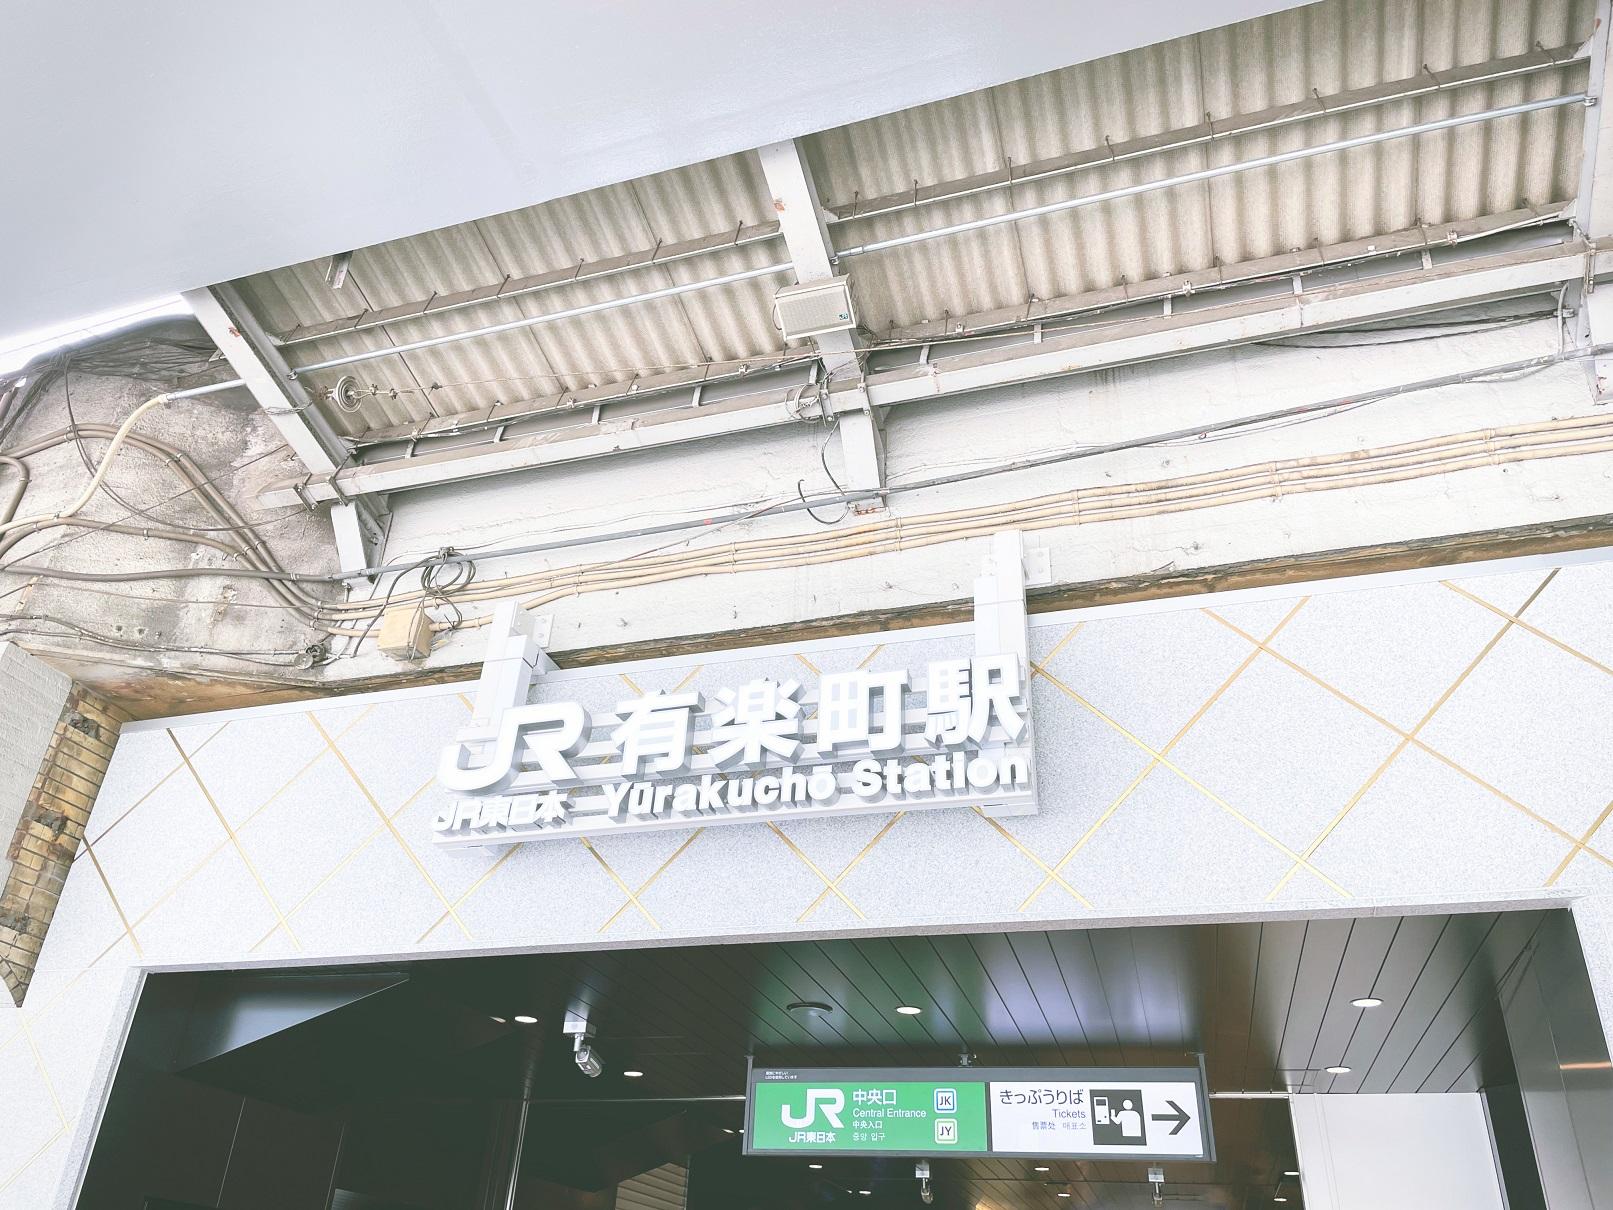 品川近視クリニック東京院有楽町レーシック手術体験談口コミレポレビュー感想